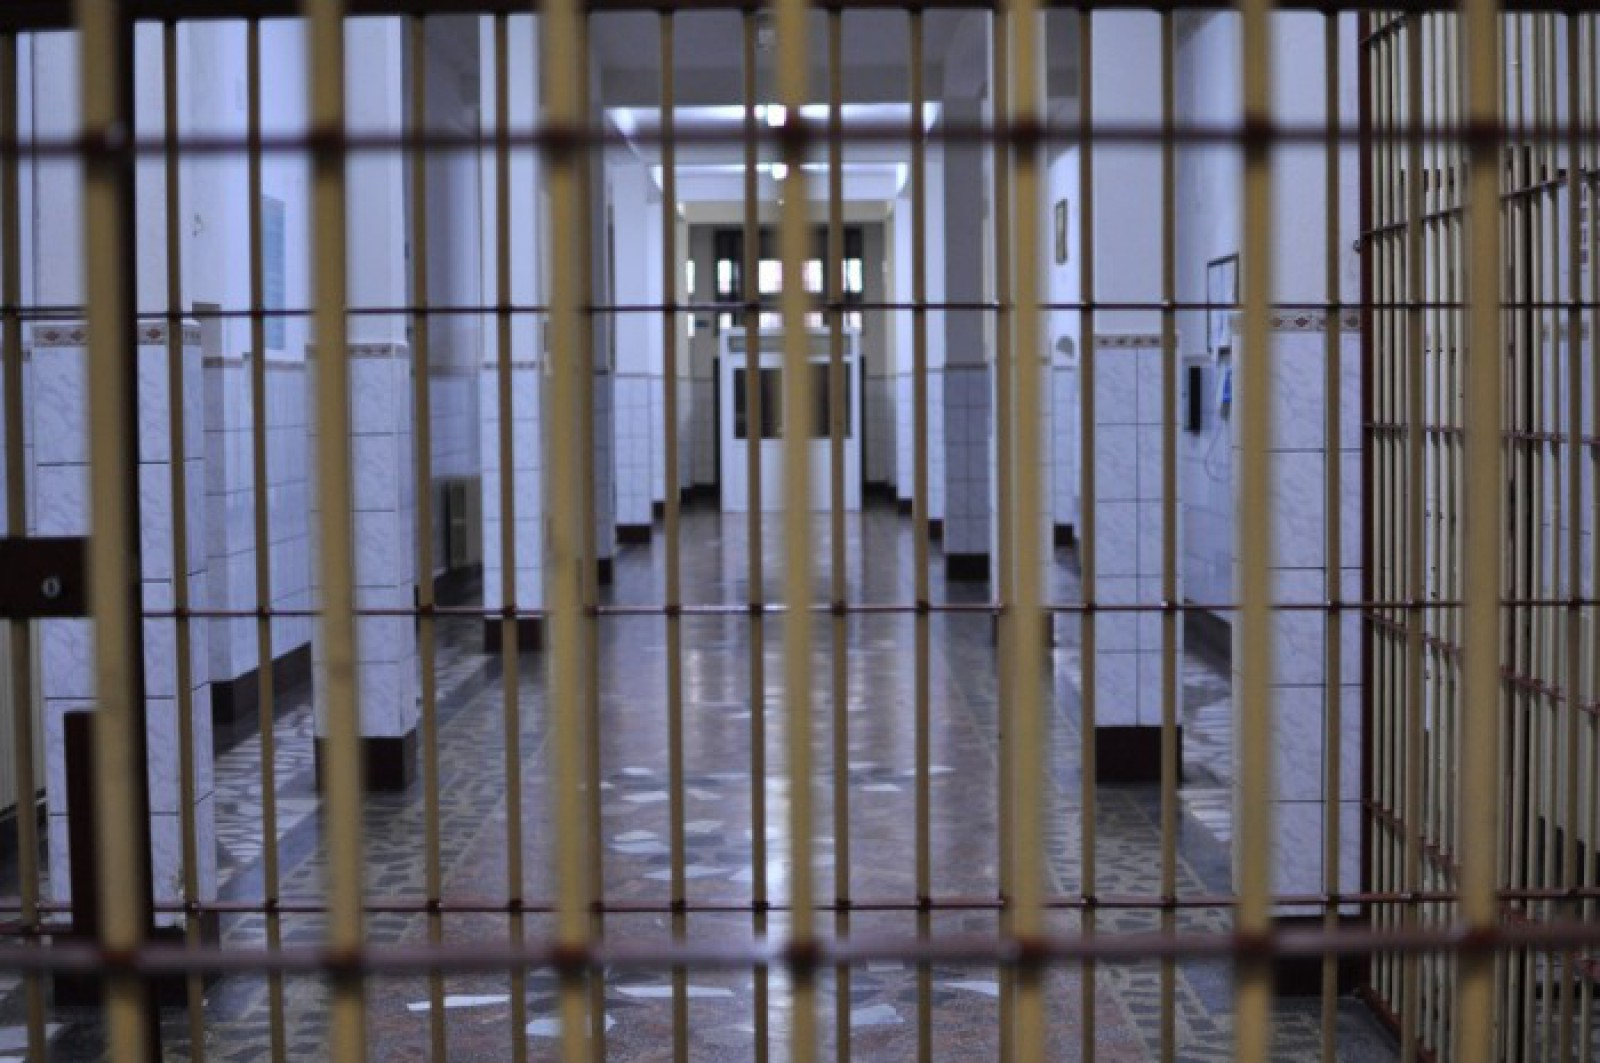 Trei deținuți au murit în mai puțin de o săptămână: Cel din urmă, s-a stins pe patul de spital